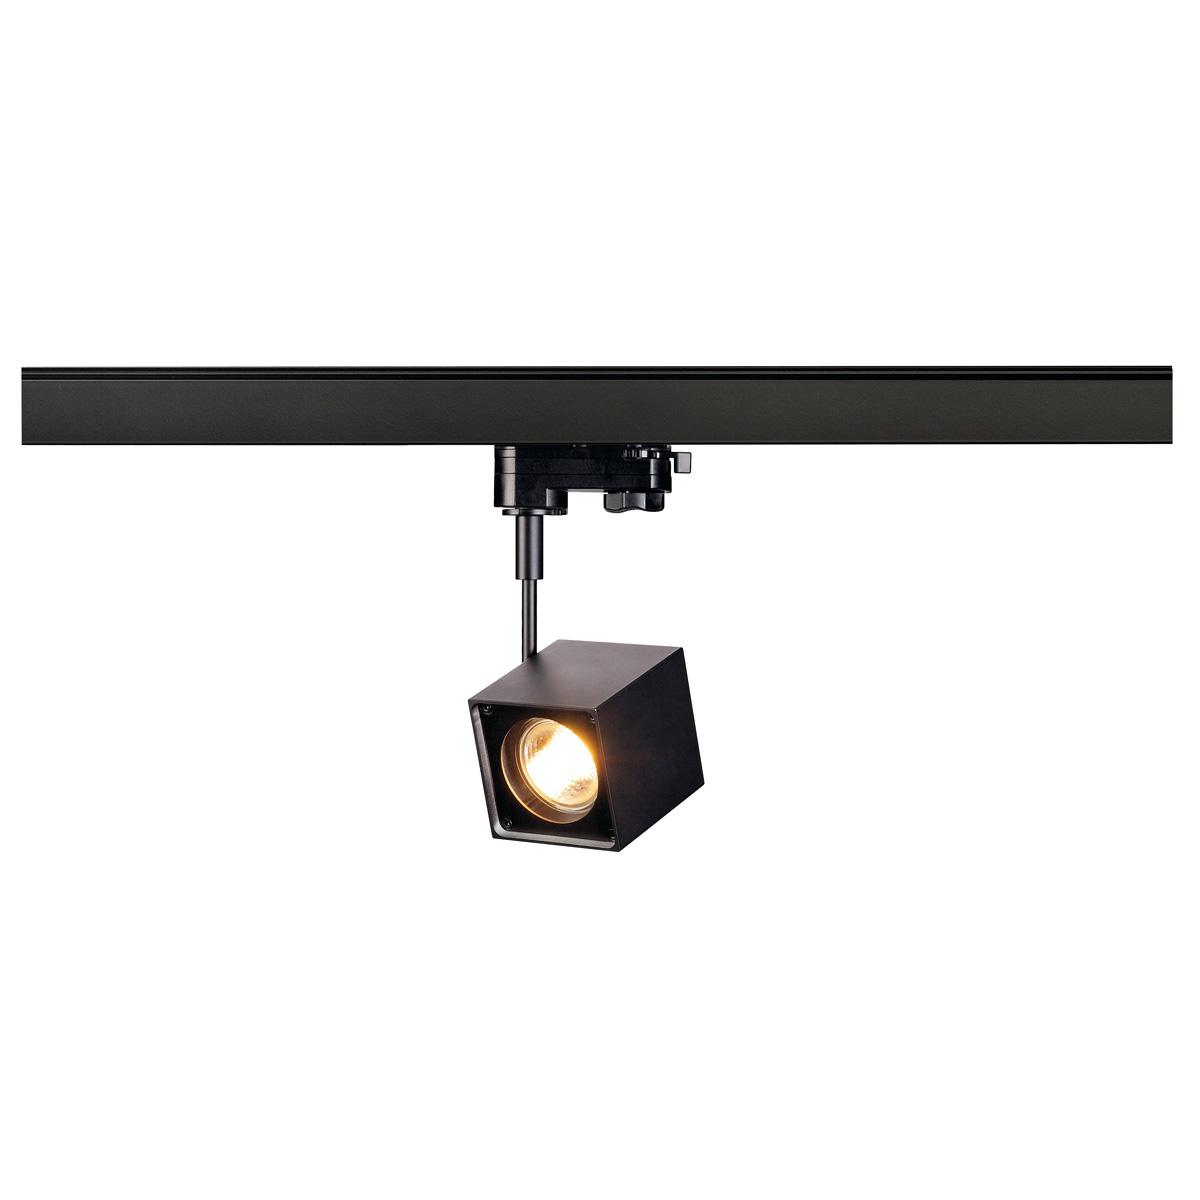 ALTRA DICE Spot, eckig, schwarz, GU10, max. 50W, inkl. 3P.-Adapter von SLV